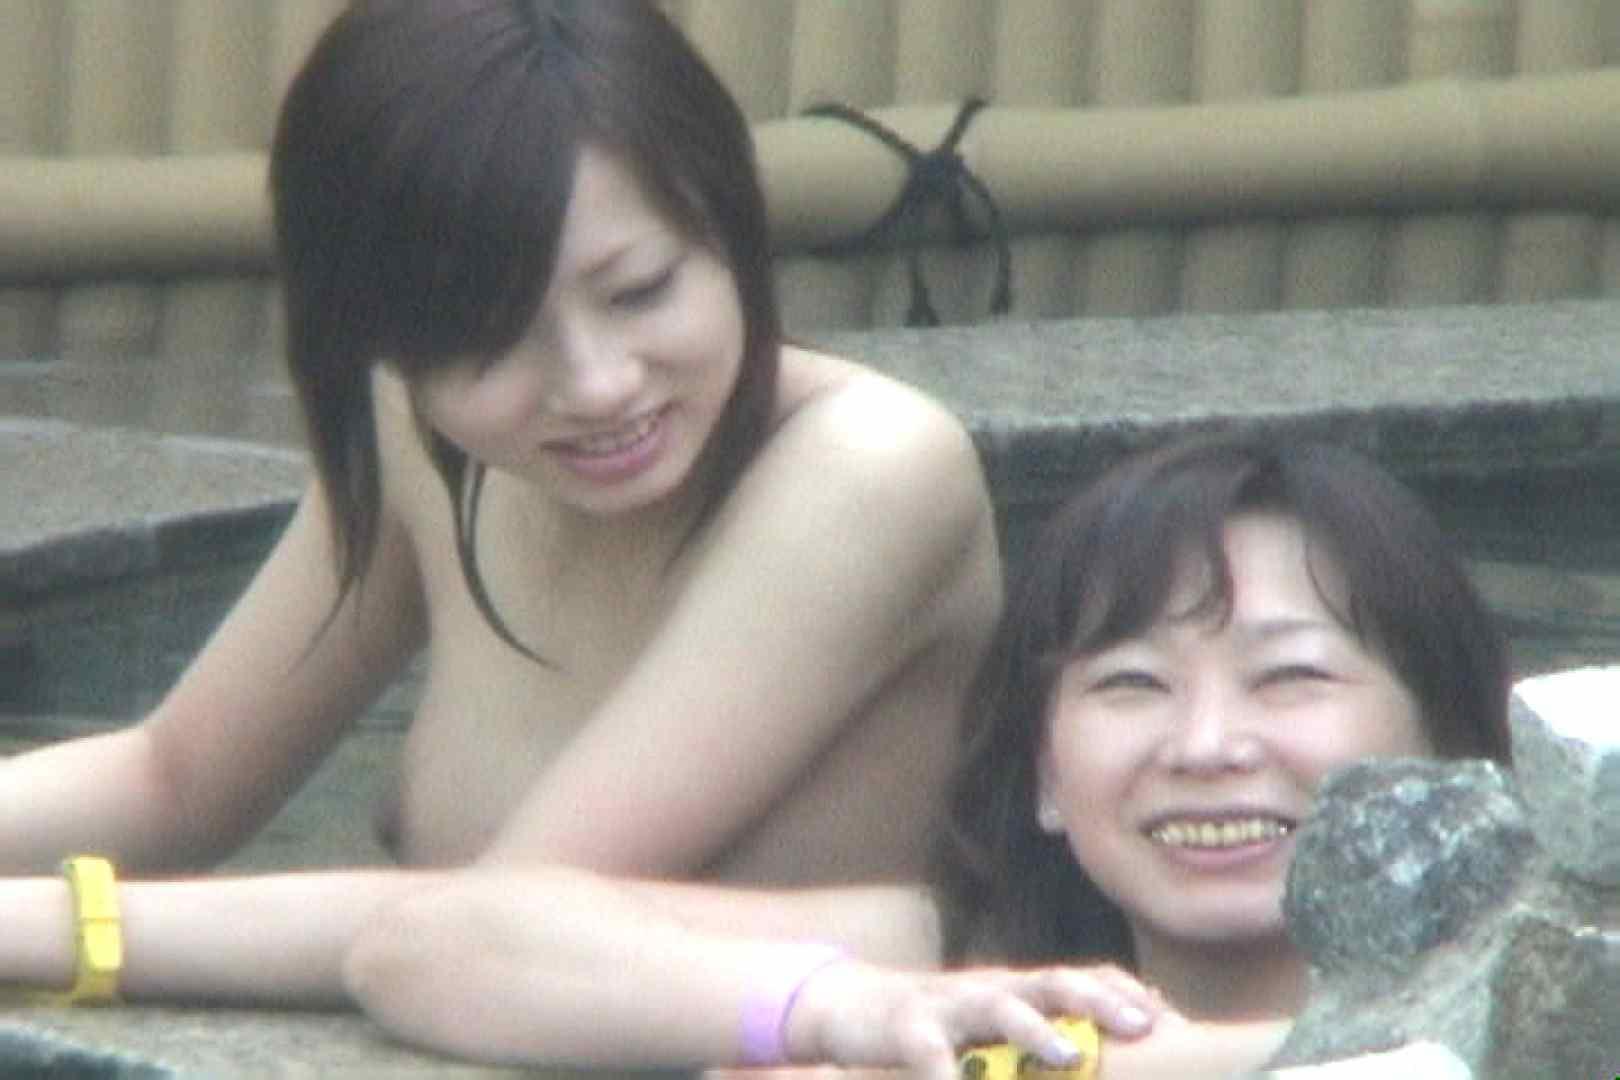 Aquaな露天風呂Vol.58【VIP限定】 美しいOLの裸体  97pic 84